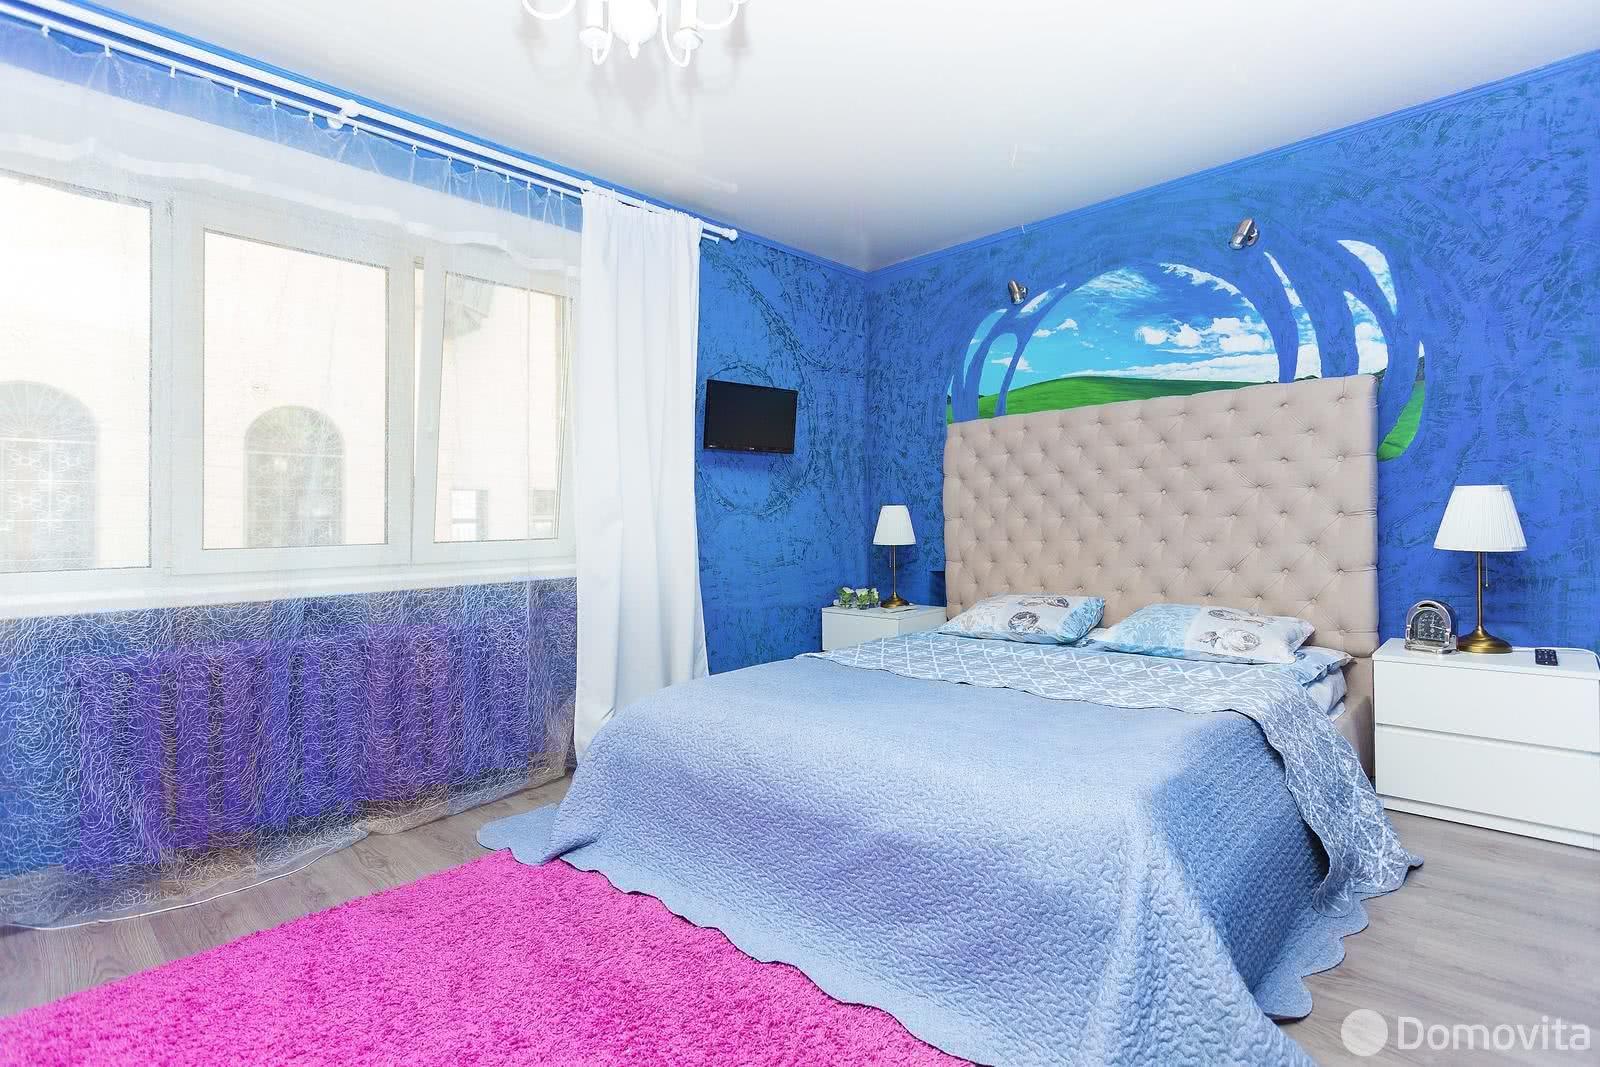 1-комнатная квартира на сутки в Минске ул. Городской Вал, д. 9 - фото 2